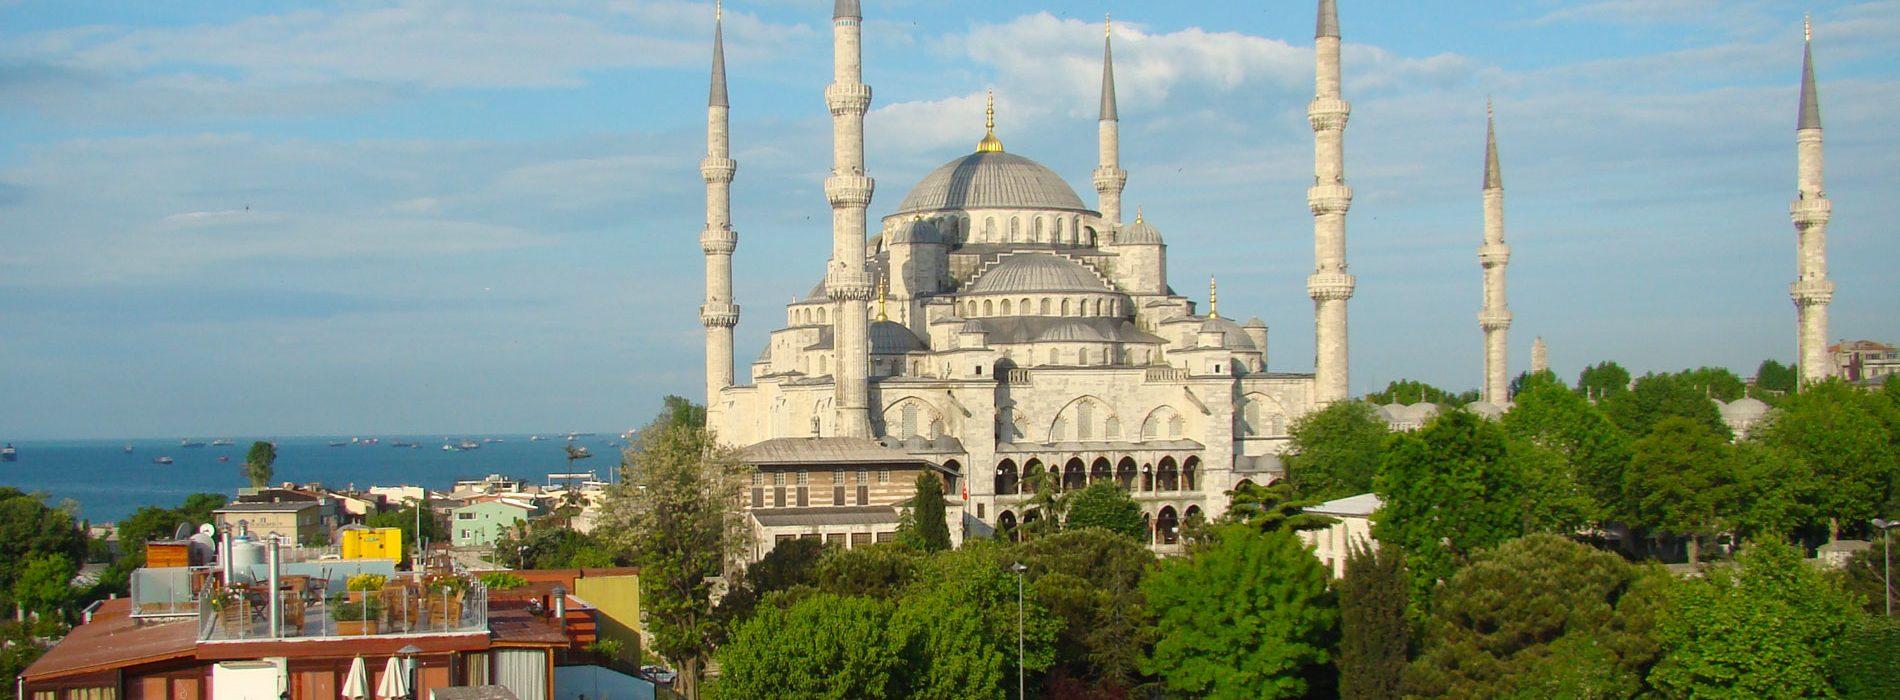 Blue-mosque-header-2